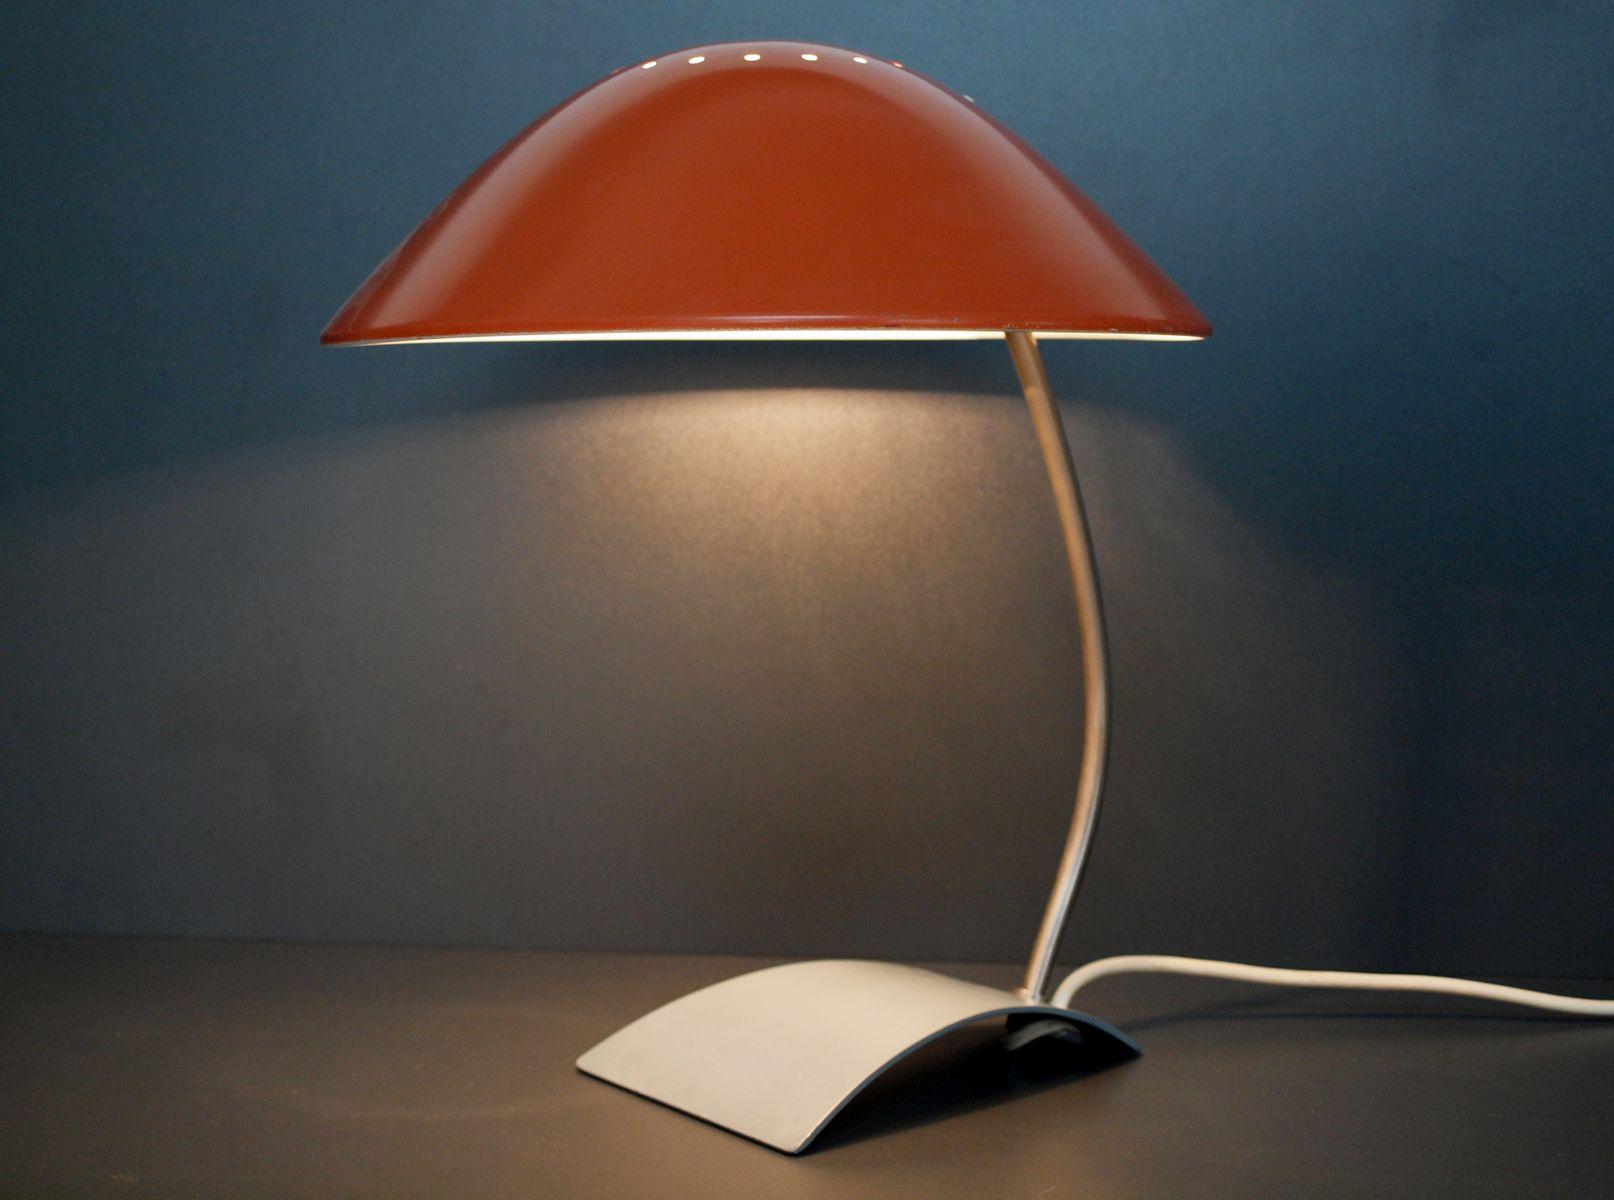 Lampe de bureau 6840 vintage par christian dell pour kaiser idell en vente sur pamono - Lampe de bureau style anglais ...